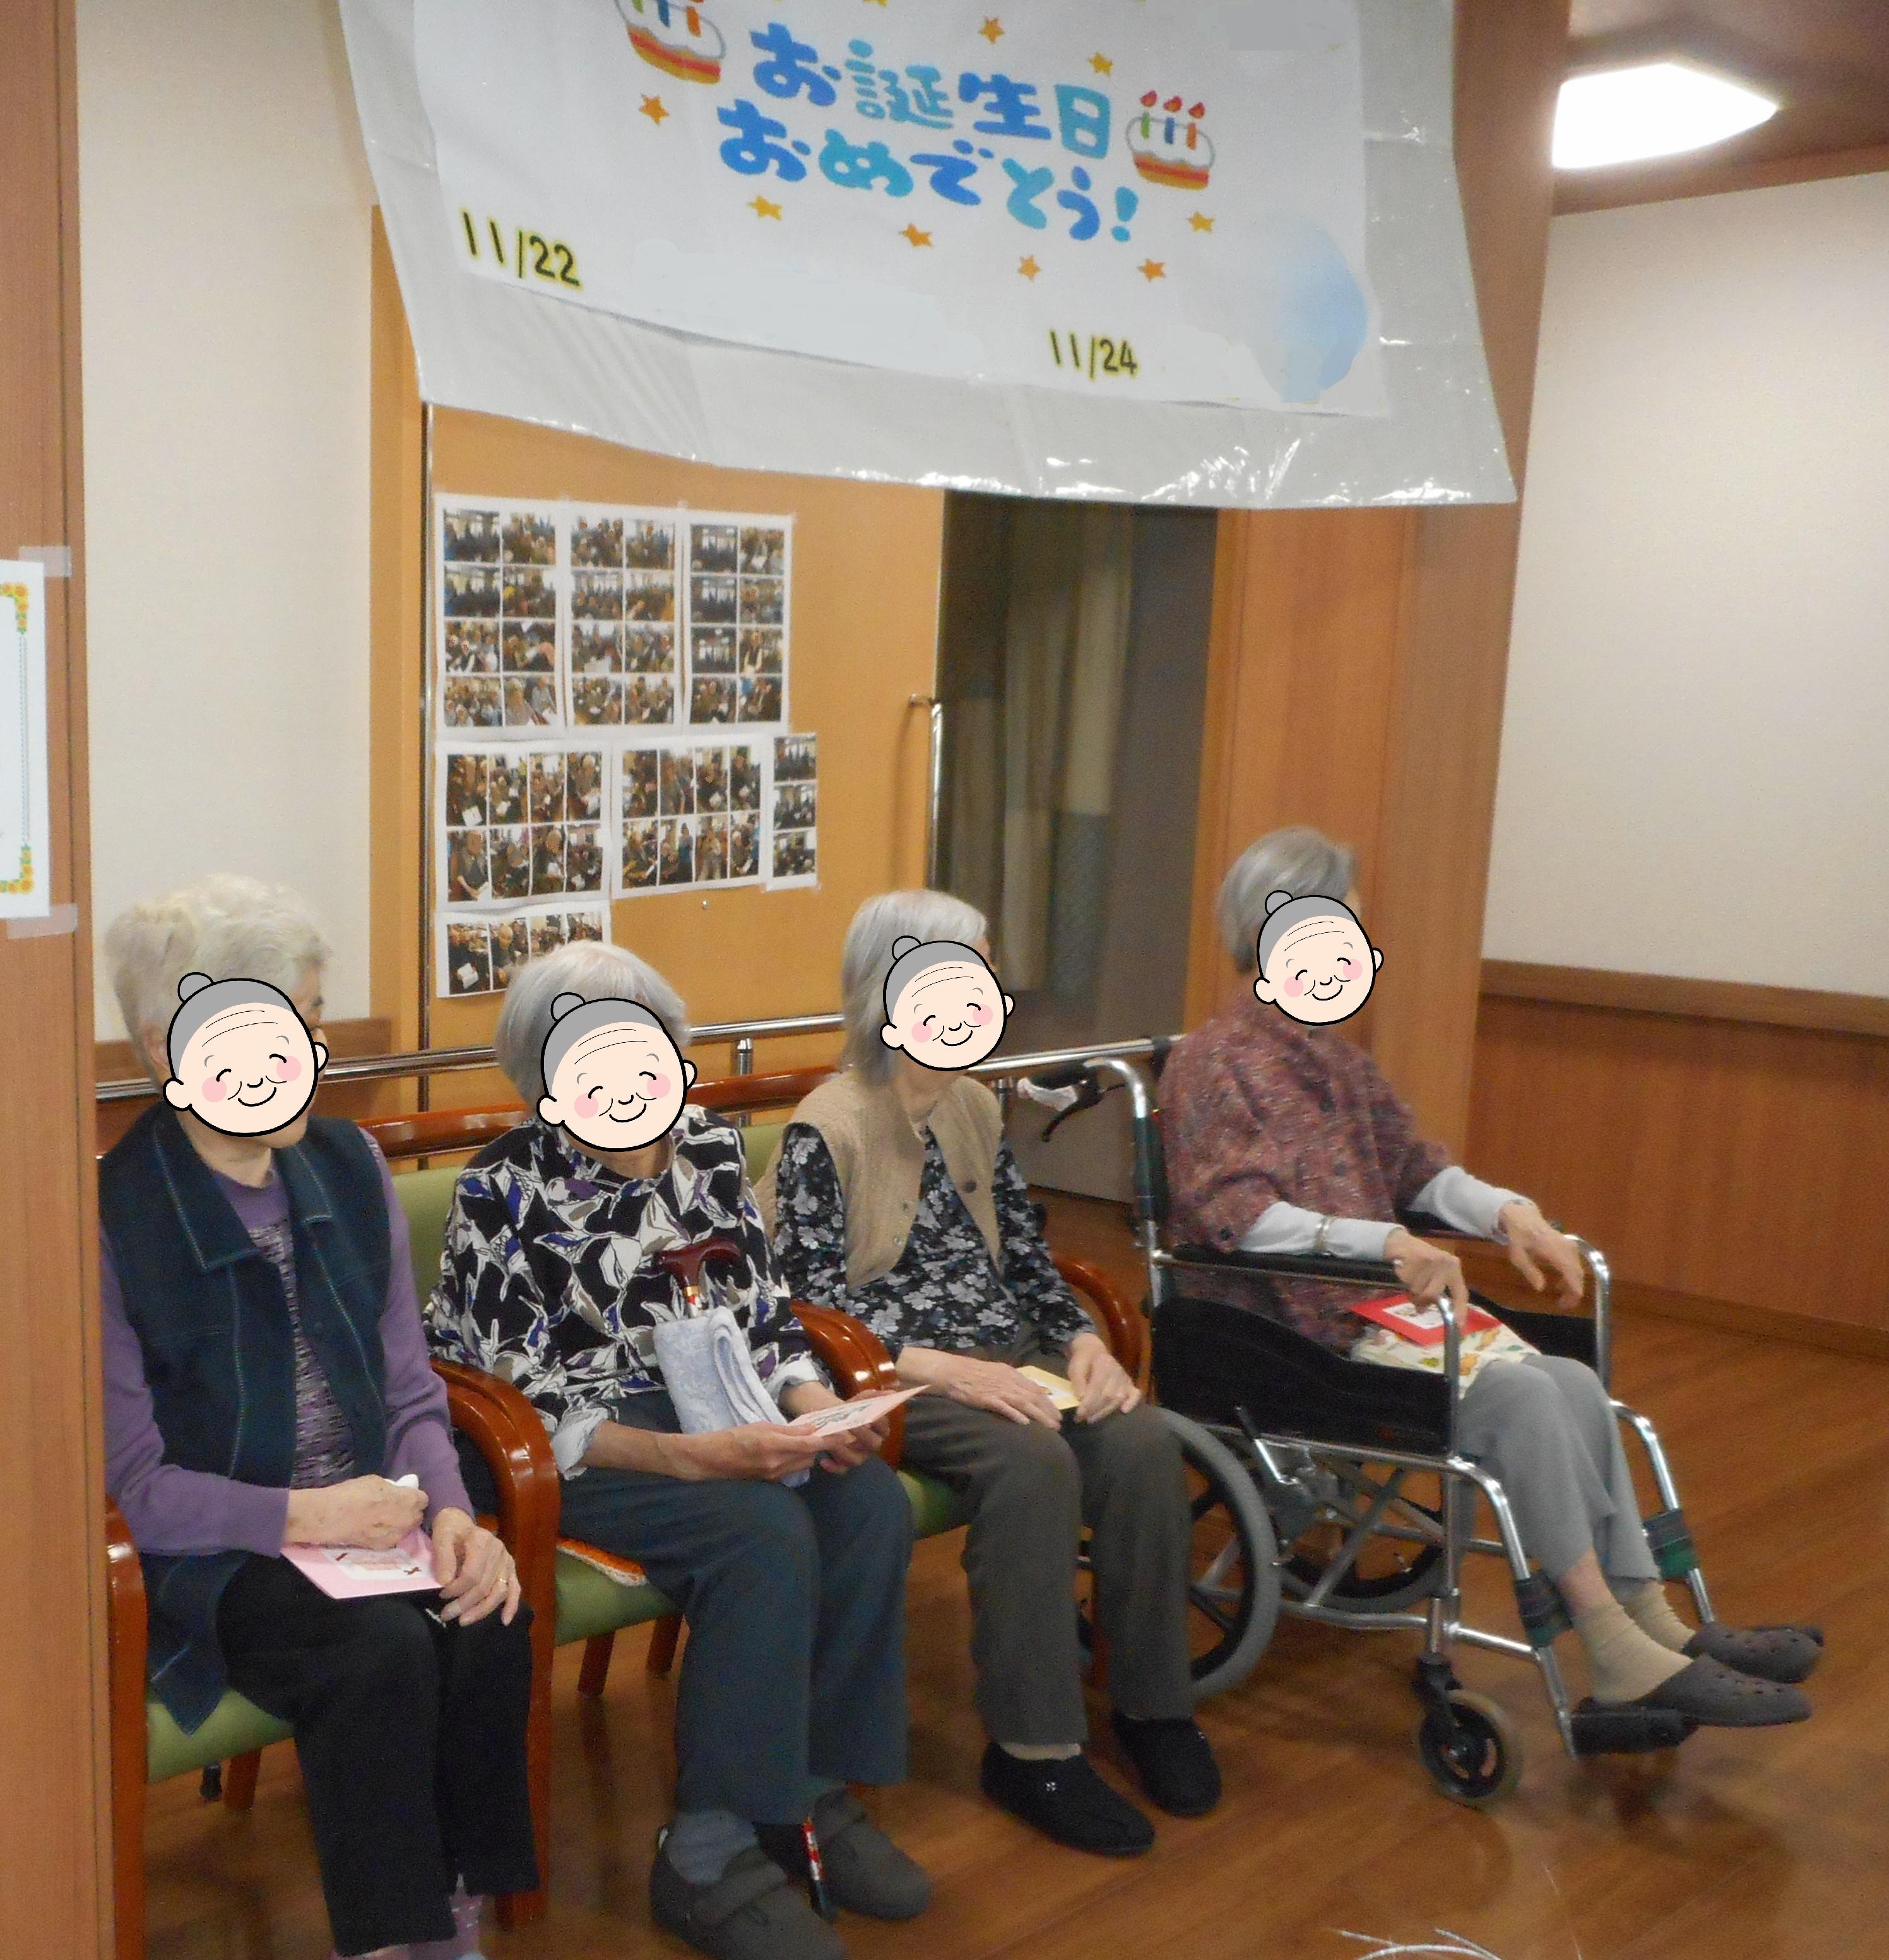 11月の誕生会を開催しました(介護付有料老人ホームゆたか)